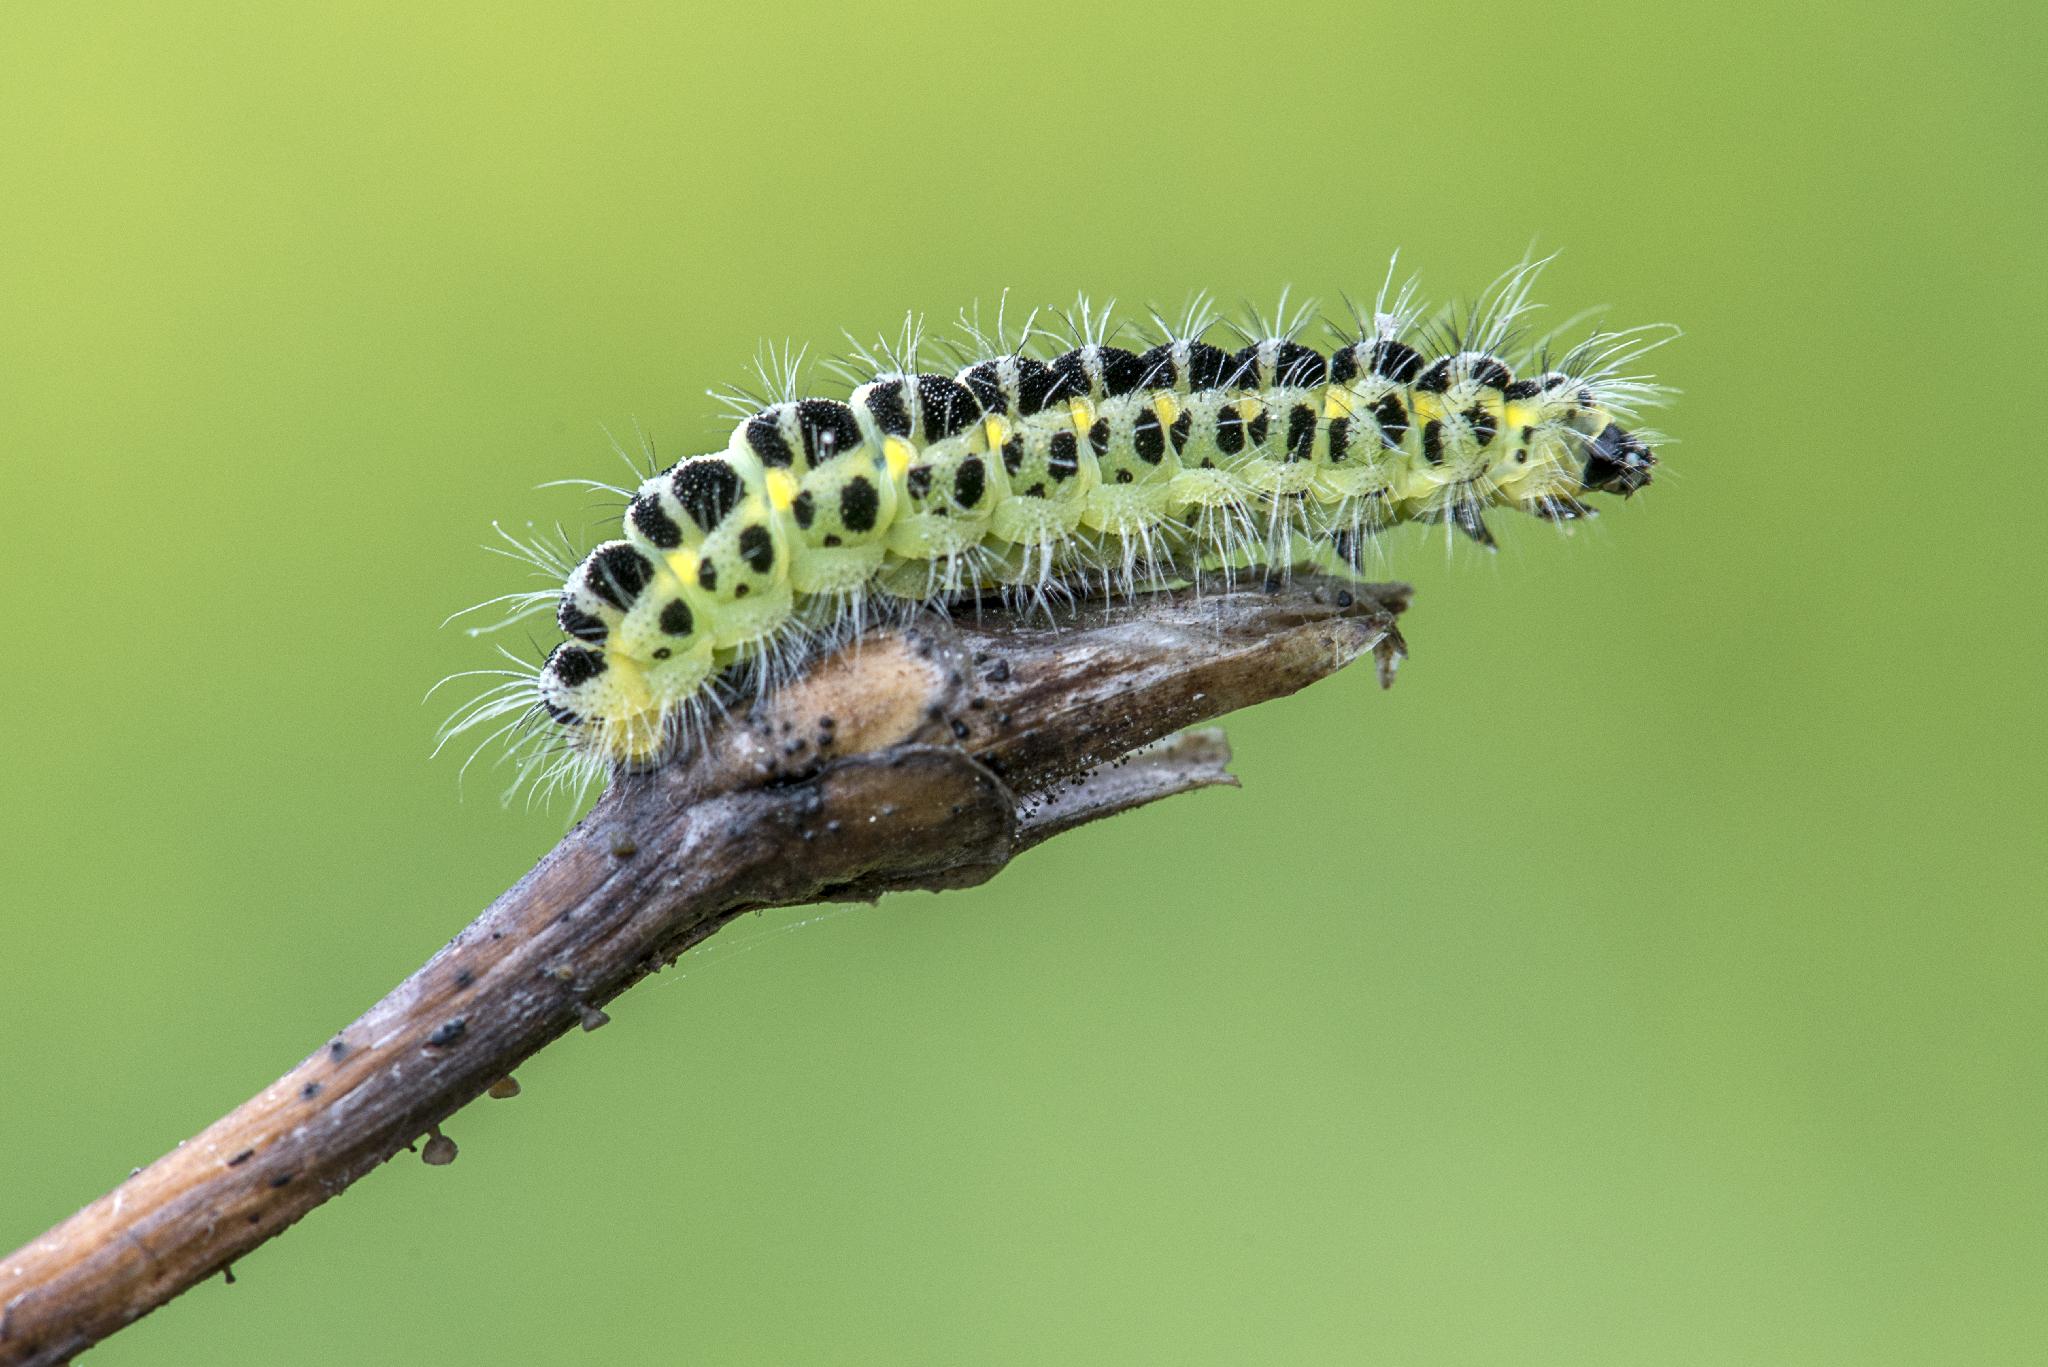 The Caterpillar...